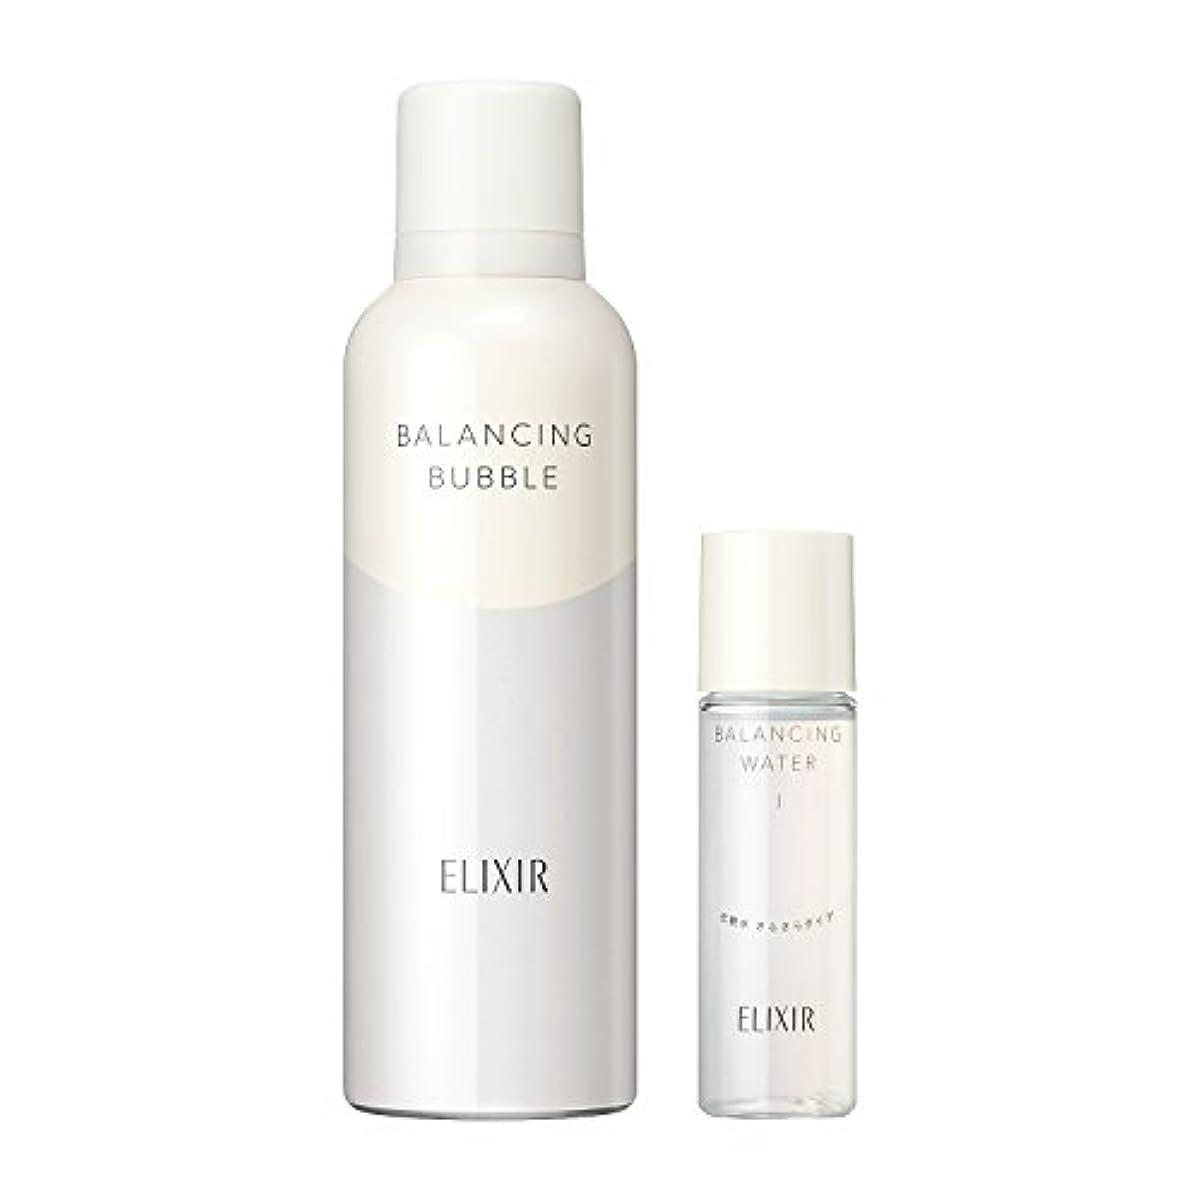 レベルキー一月エリクシール ルフレ バランシング バブル 限定セット 化粧水(さらさら)ミニサイズ付き 165g + 30mL